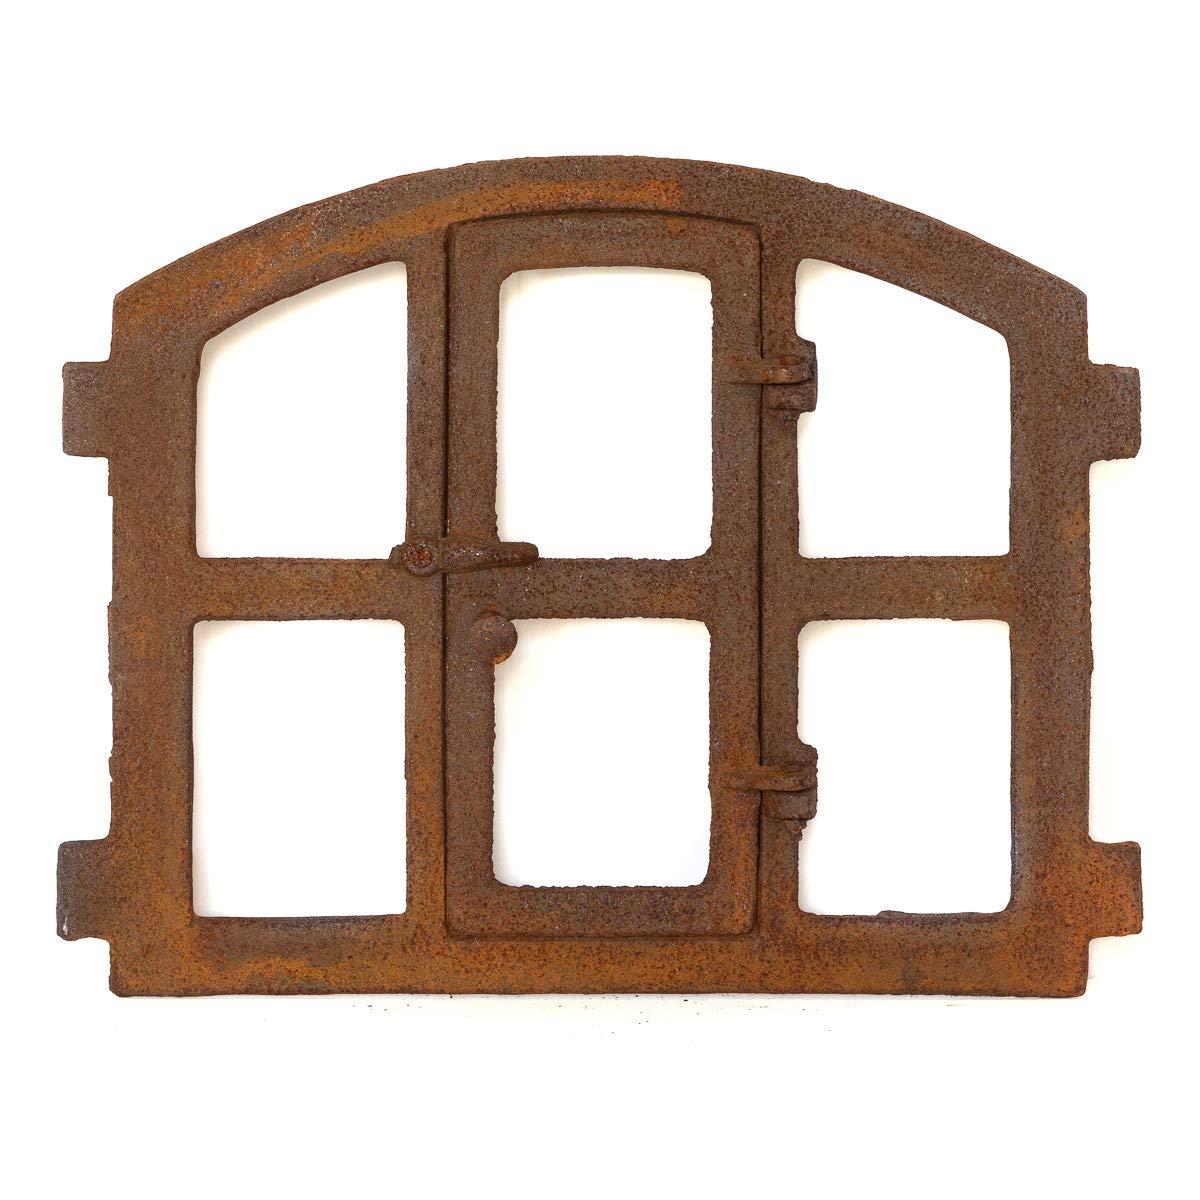 Antikas   Eisenfenster in antiken lä ndlichen Stil   Hö he ca. 42 cm, Breite ca. 48 cm   Fensterrahmen aus Gusseisen   Fenster fü r Stall- und Gartenmauern